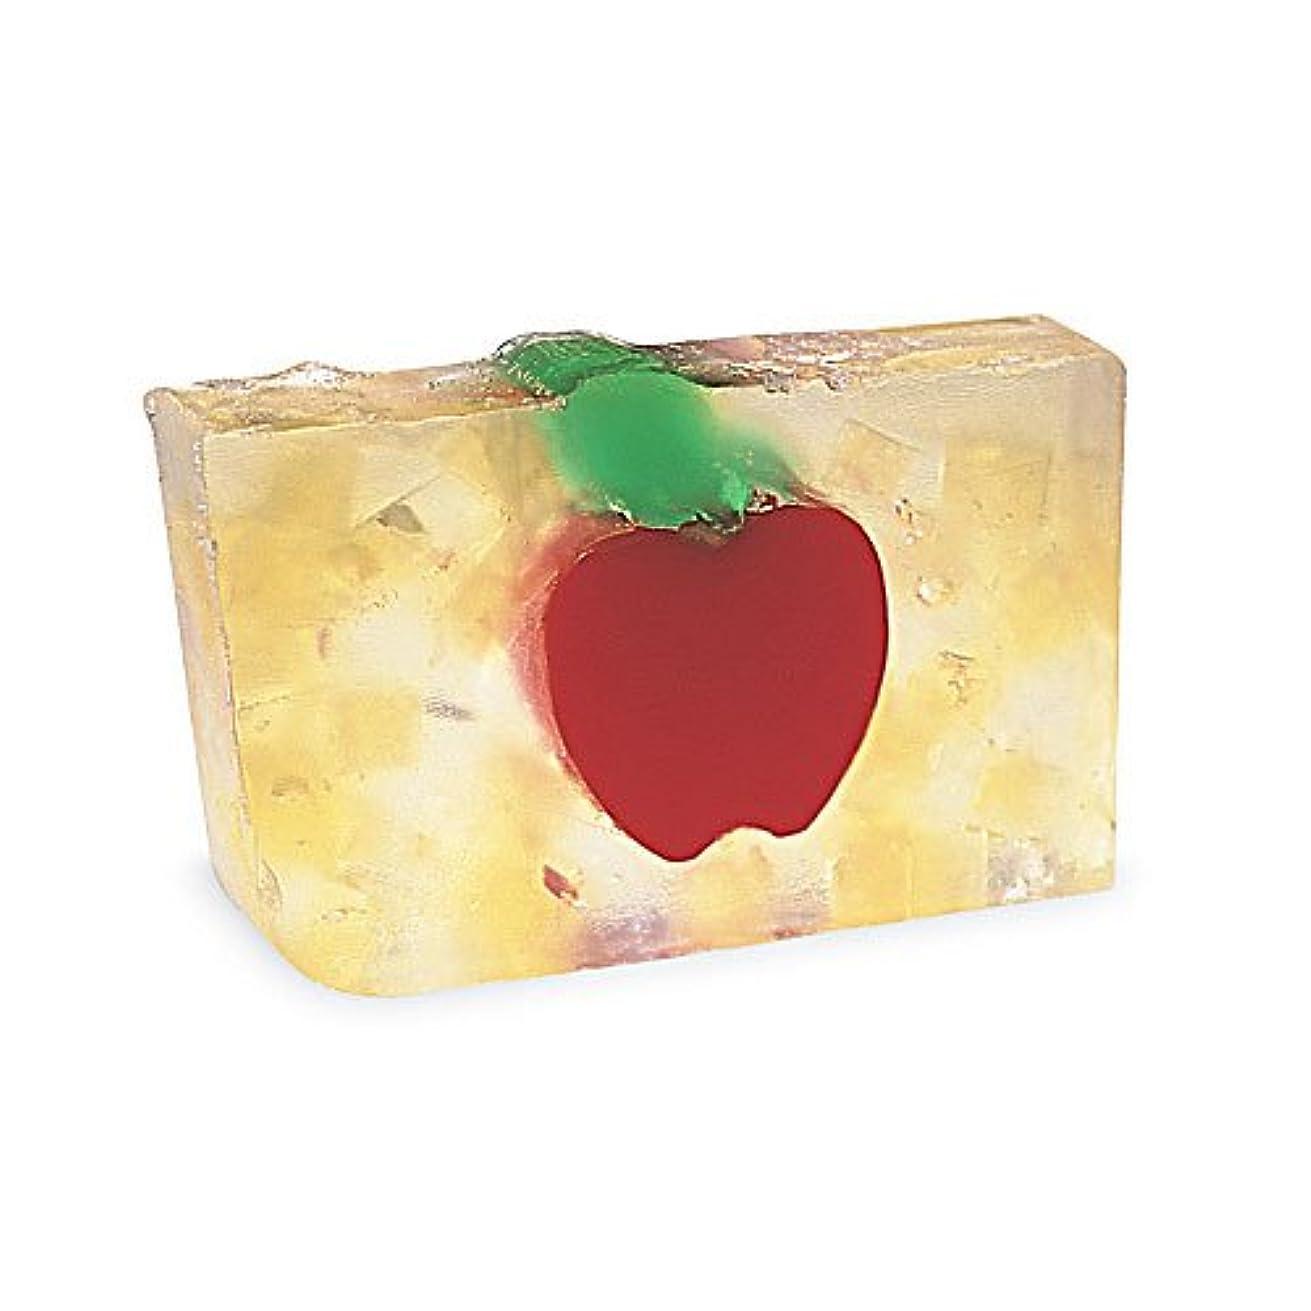 ホイスト黙表示プライモールエレメンツ アロマティック ソープ ビッグアップル 180g 植物性 ナチュラル 石鹸 無添加